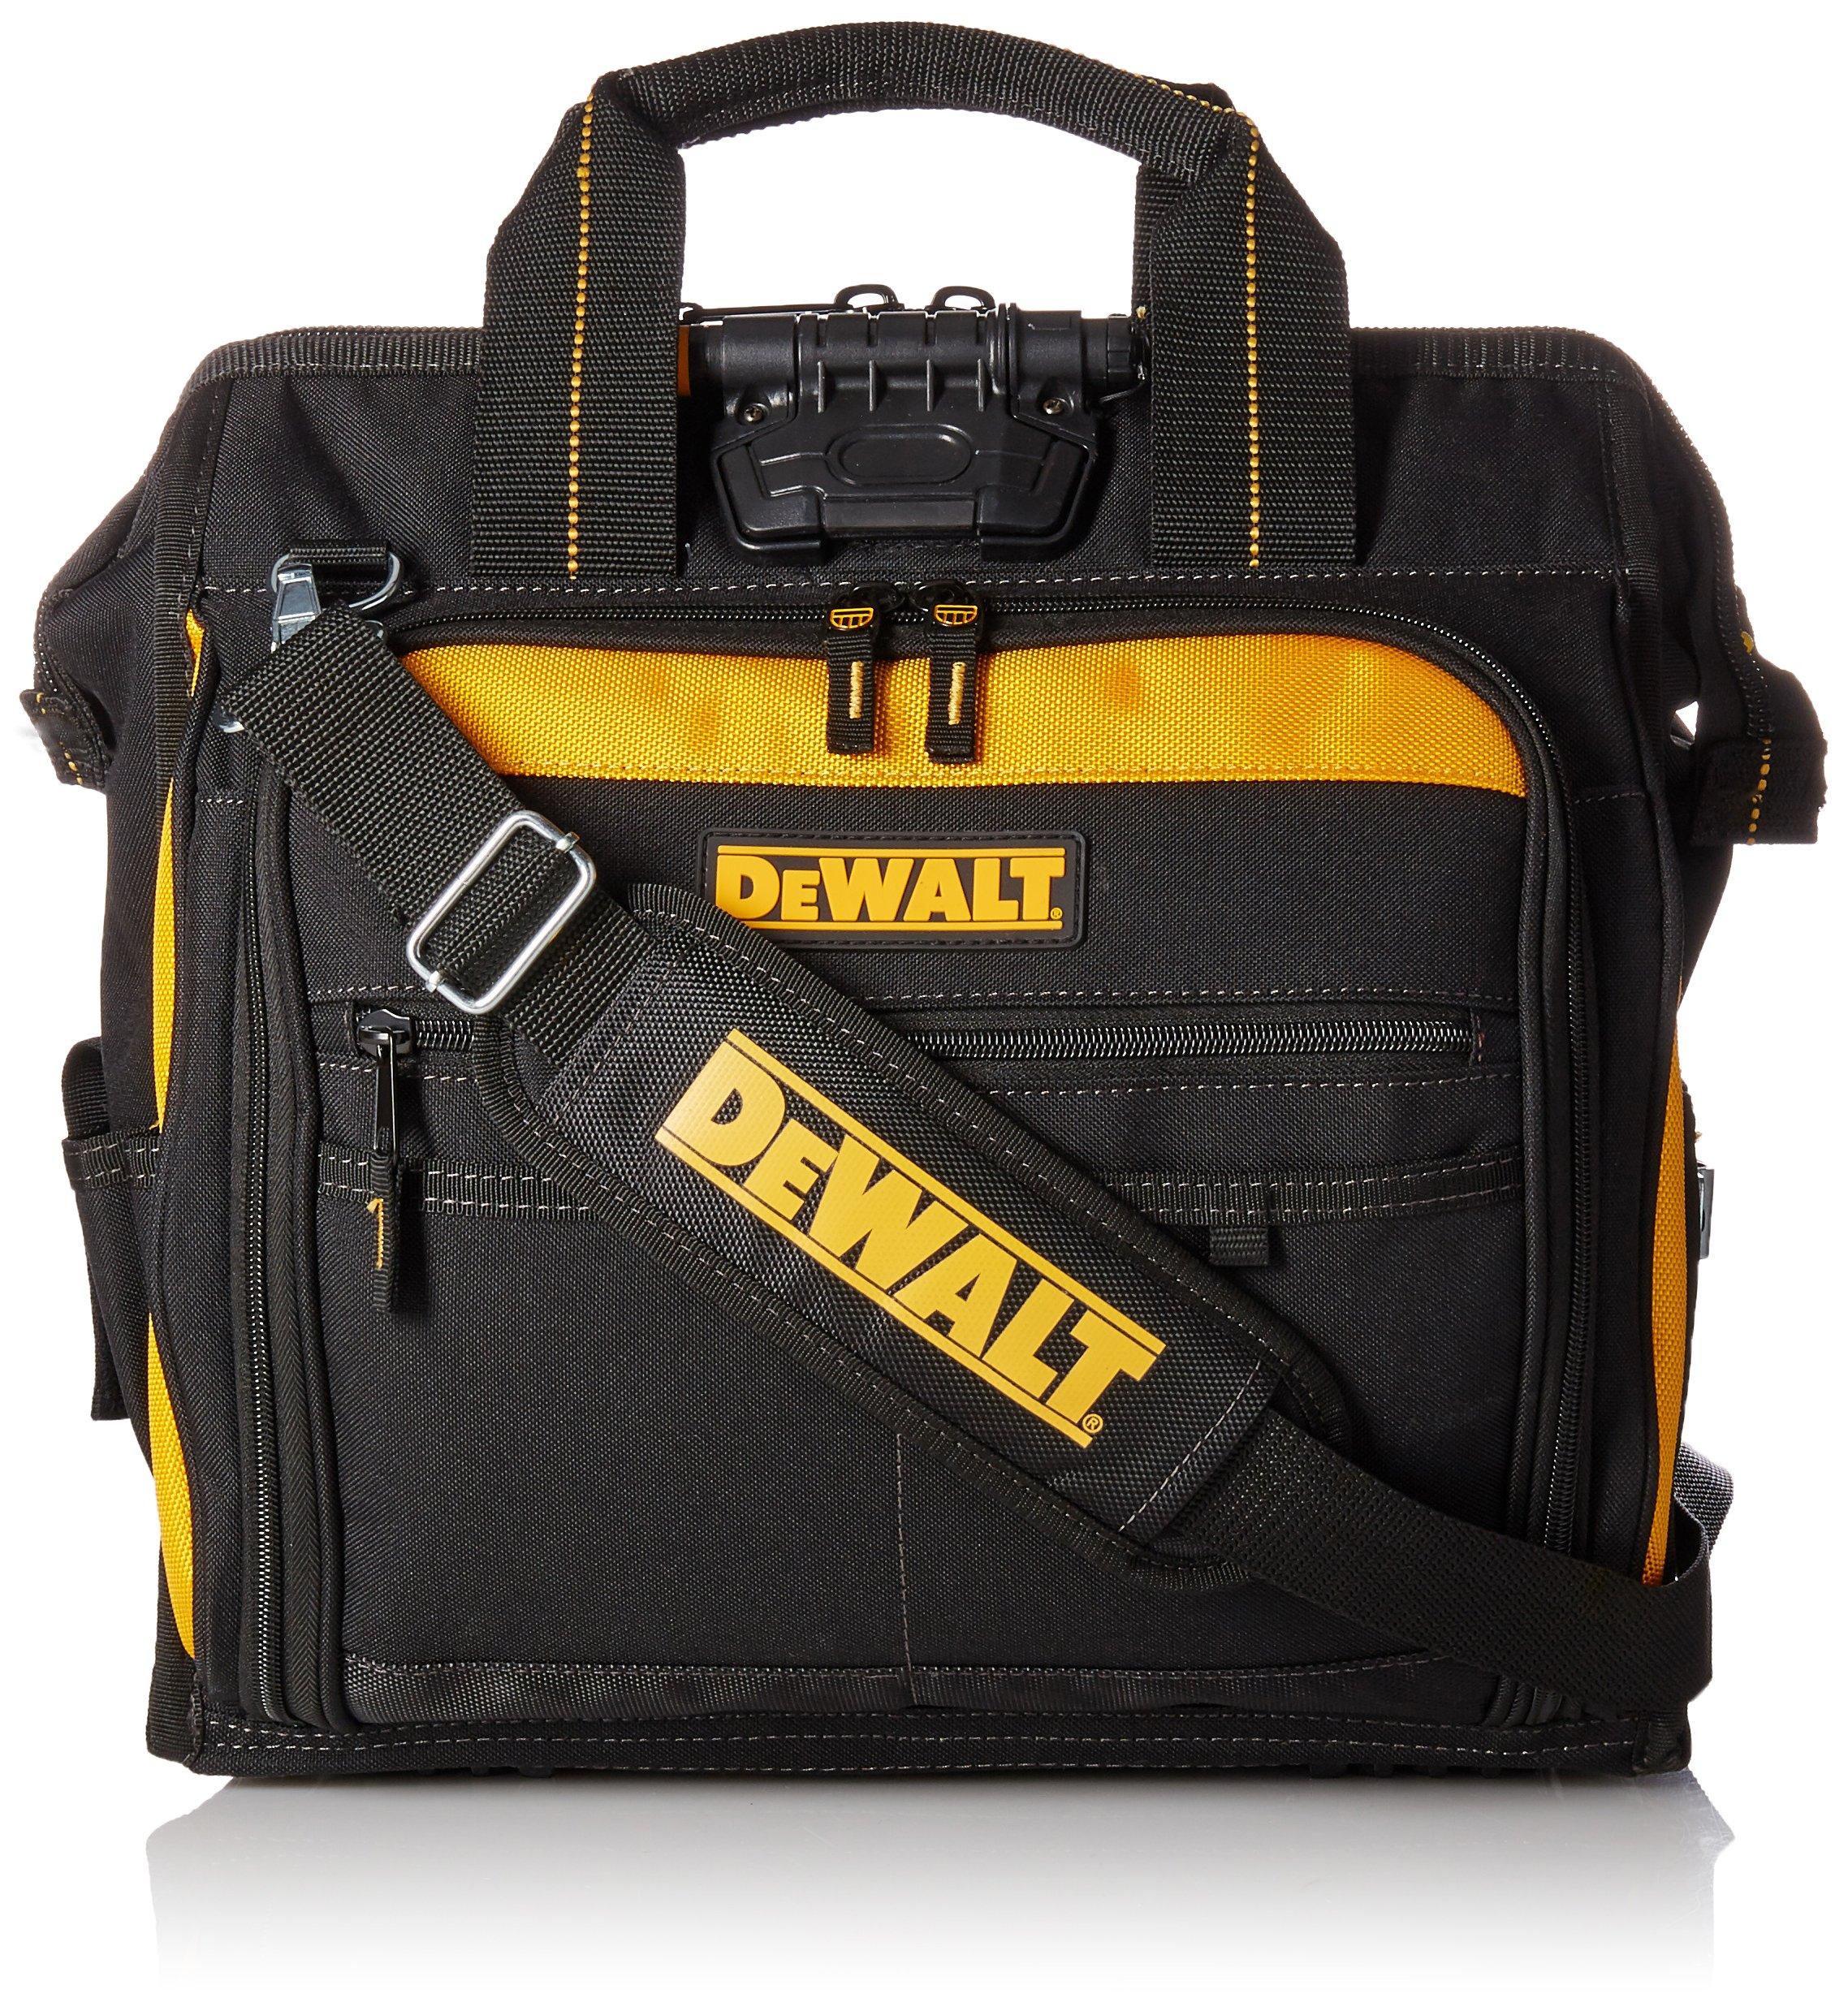 DEWALT DGL573 Lighted Technician's Tool Bag, 41 Pocket by DEWALT